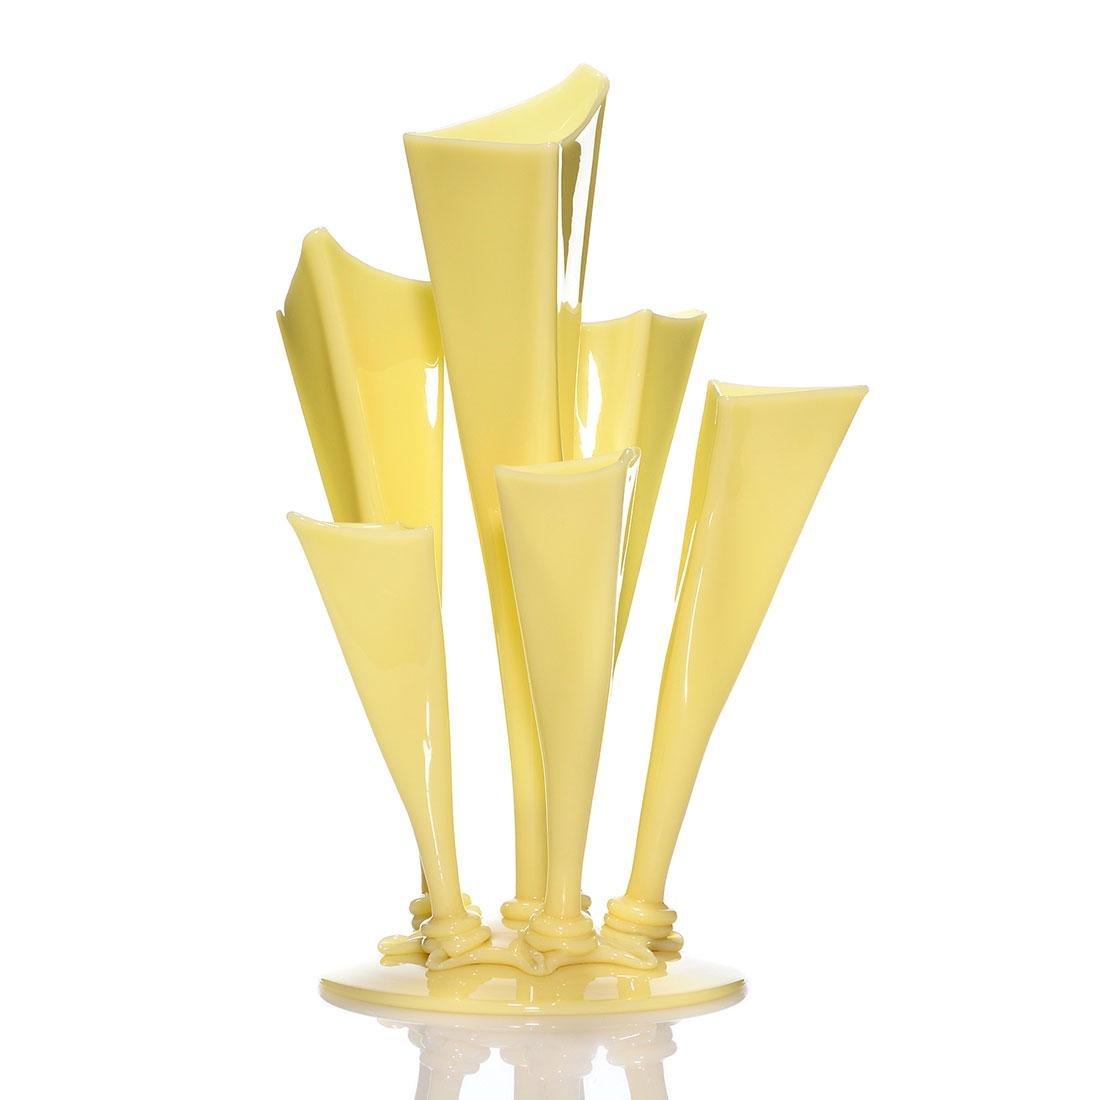 """Steuben Ivory 6 prong vase, shape 7129, 15 1/2"""""""